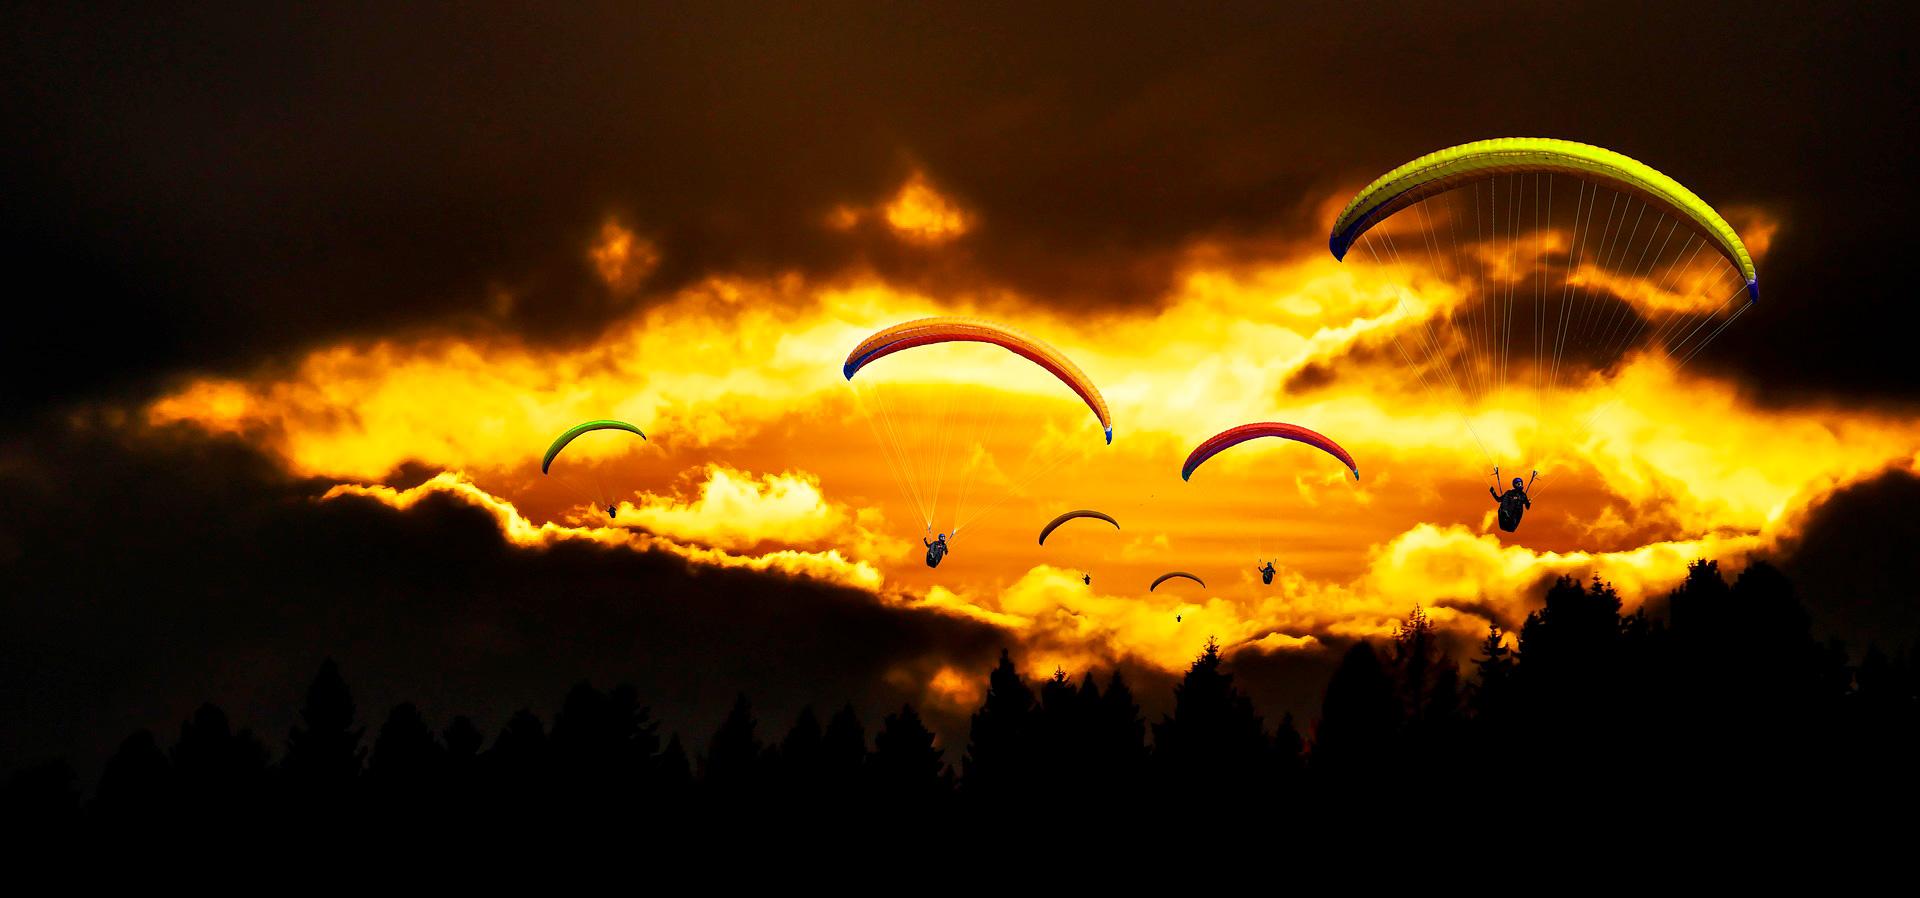 controle-et-révisions-paragliding